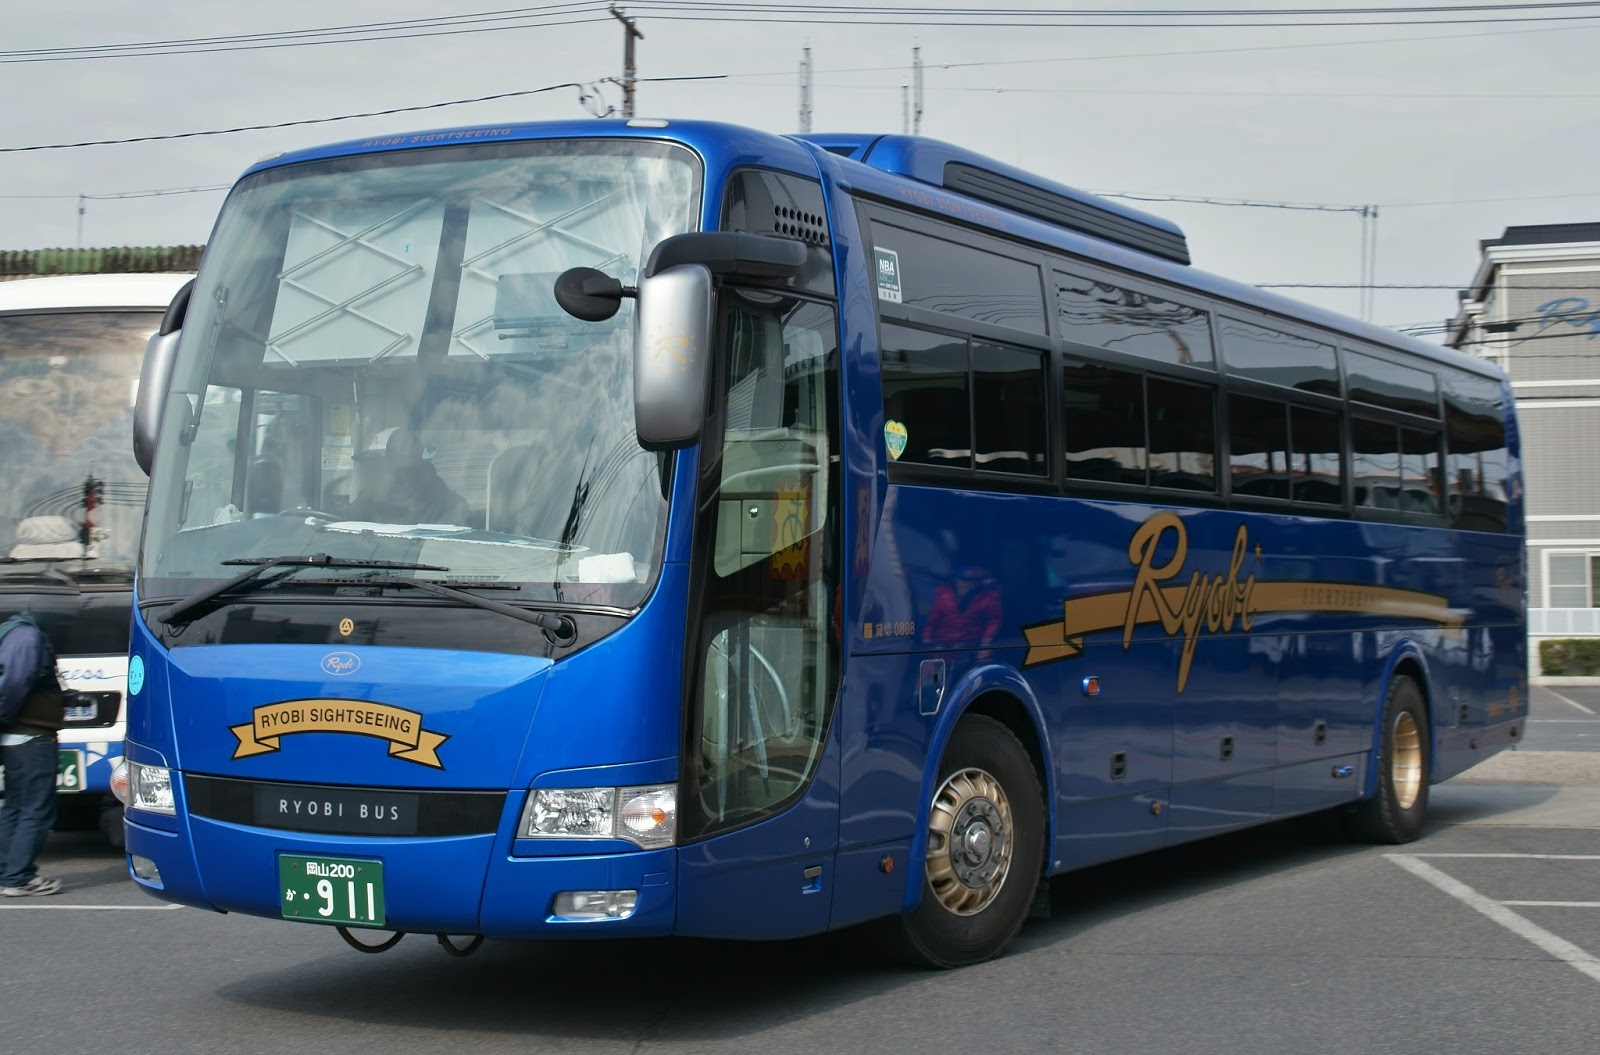 広島のバス: 両備バス 岡山200か911